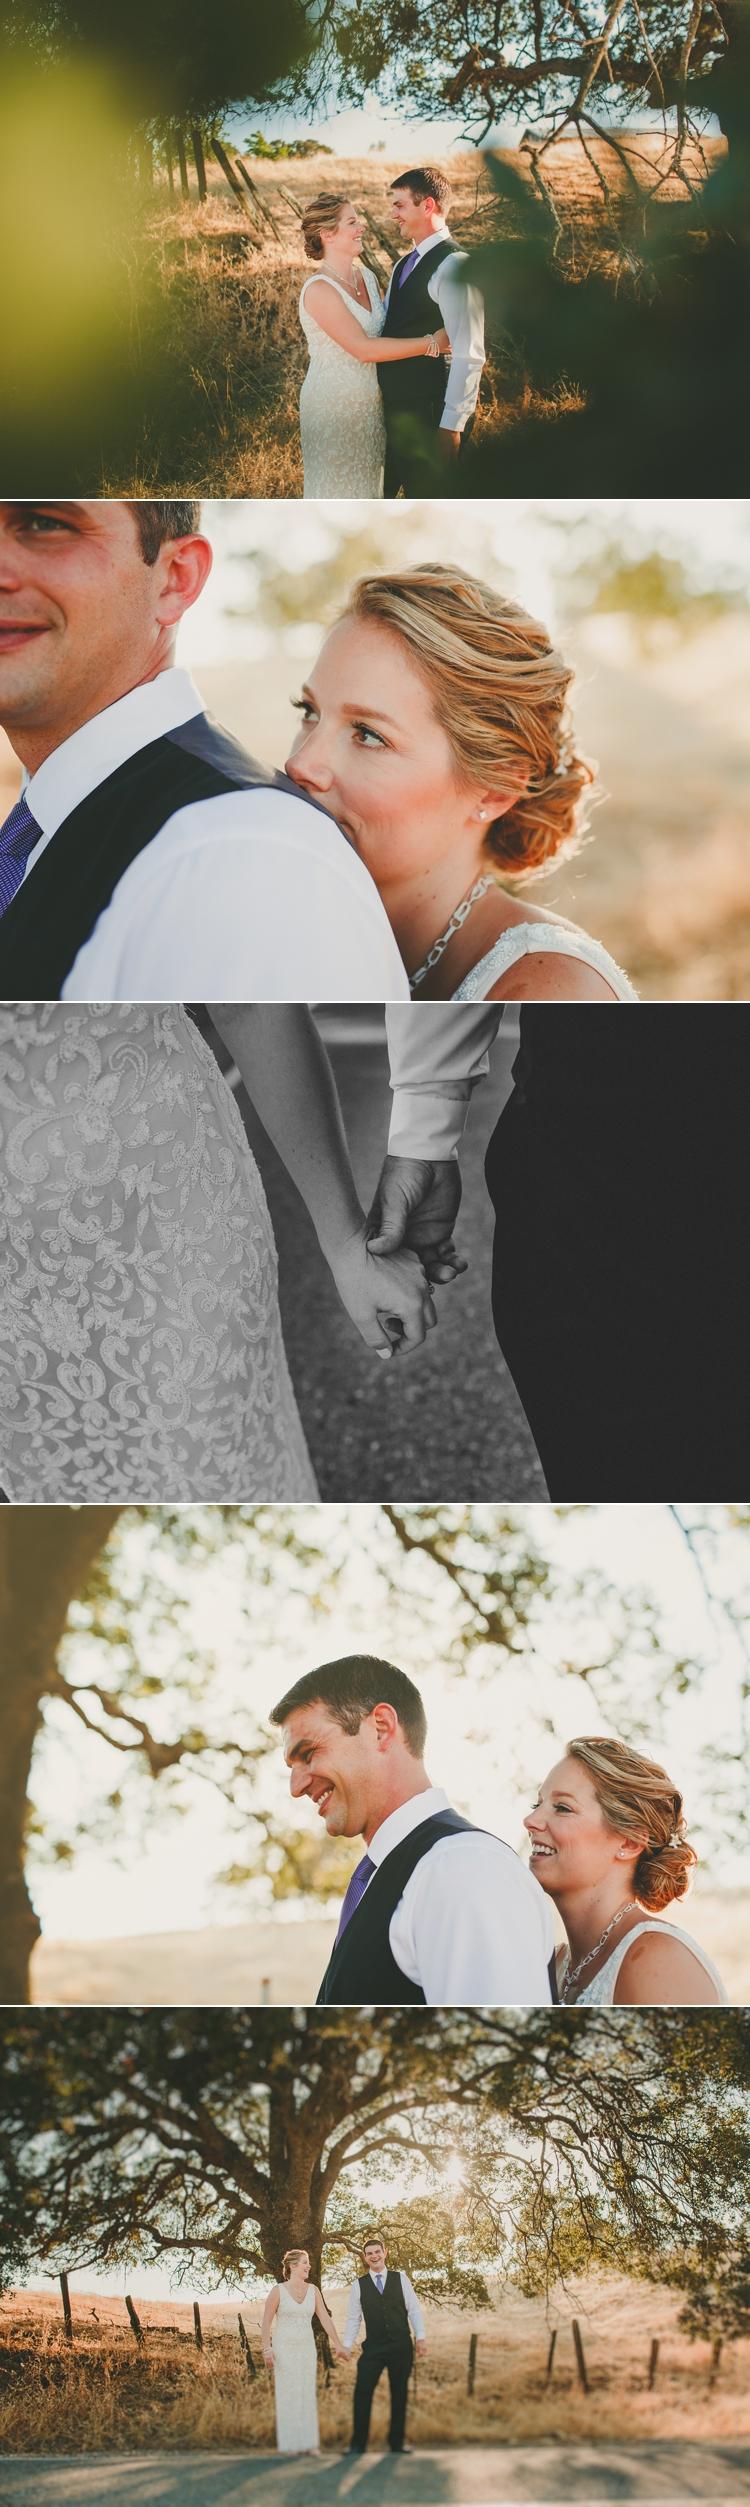 sutter-creek-wedding-photography-12